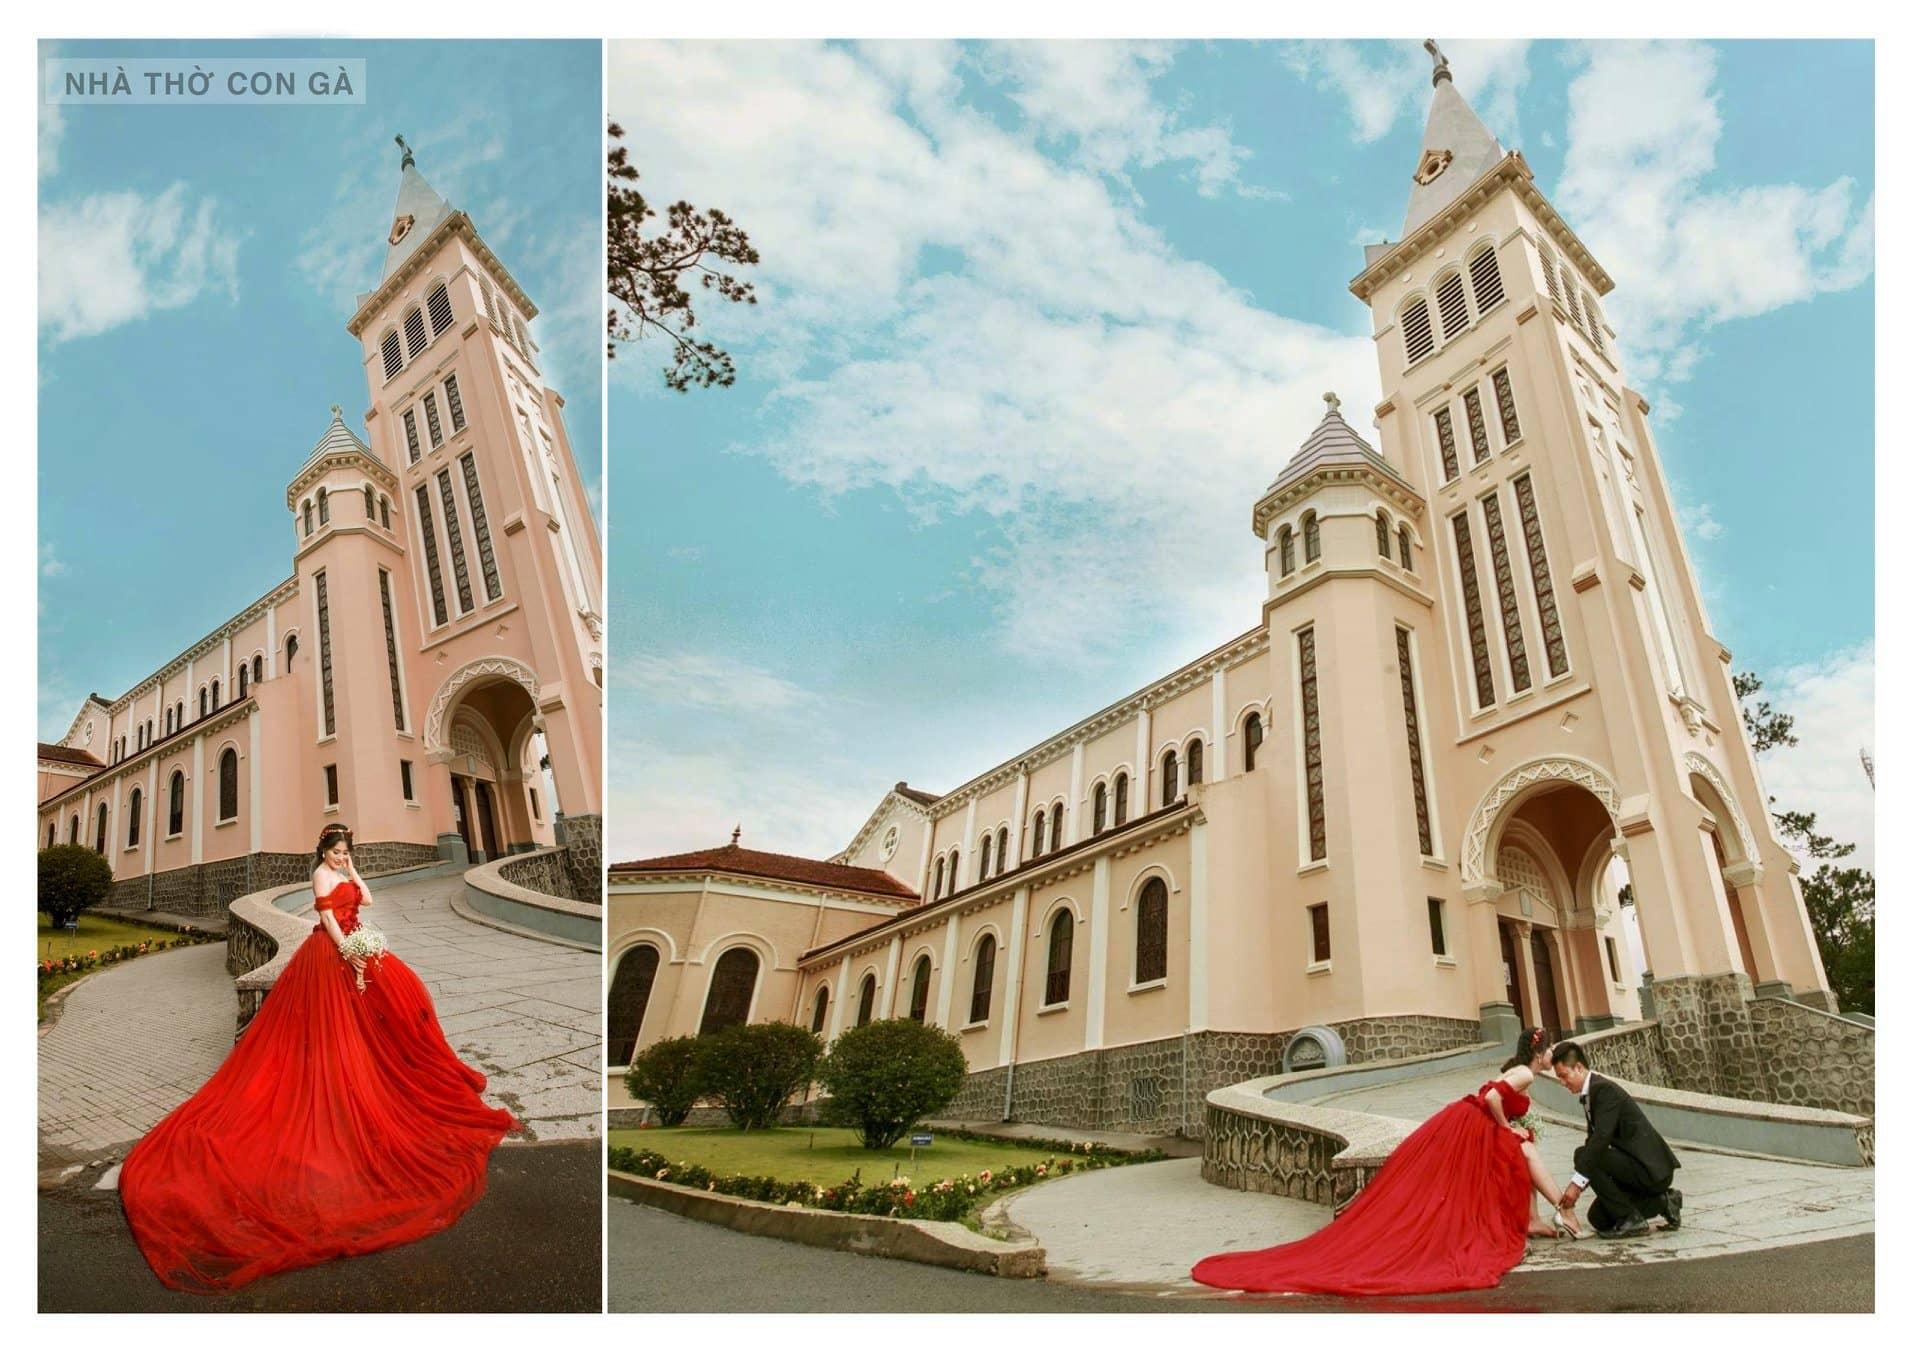 Nhà thờ Chánh Tòa Đà Lạt còn là điểm đến hấp dẫn cho các cặp đôi chụp hình cưới.